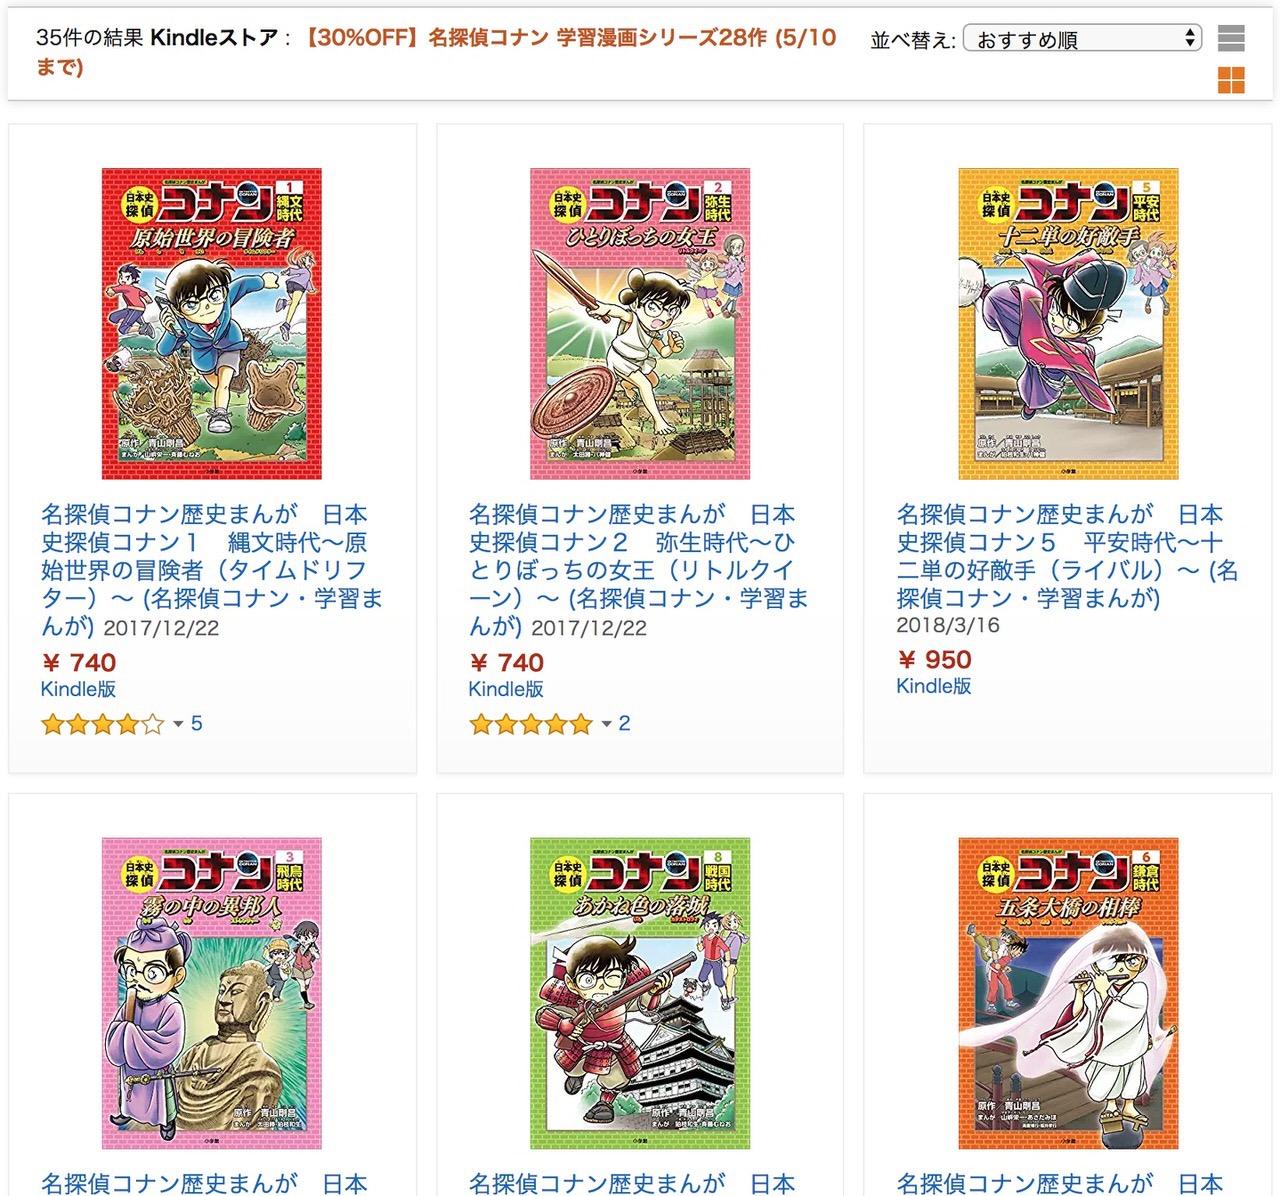 【Kindleセール】30%OFF「名探偵コナン 学習漫画シリーズ28作」(5/10まで)